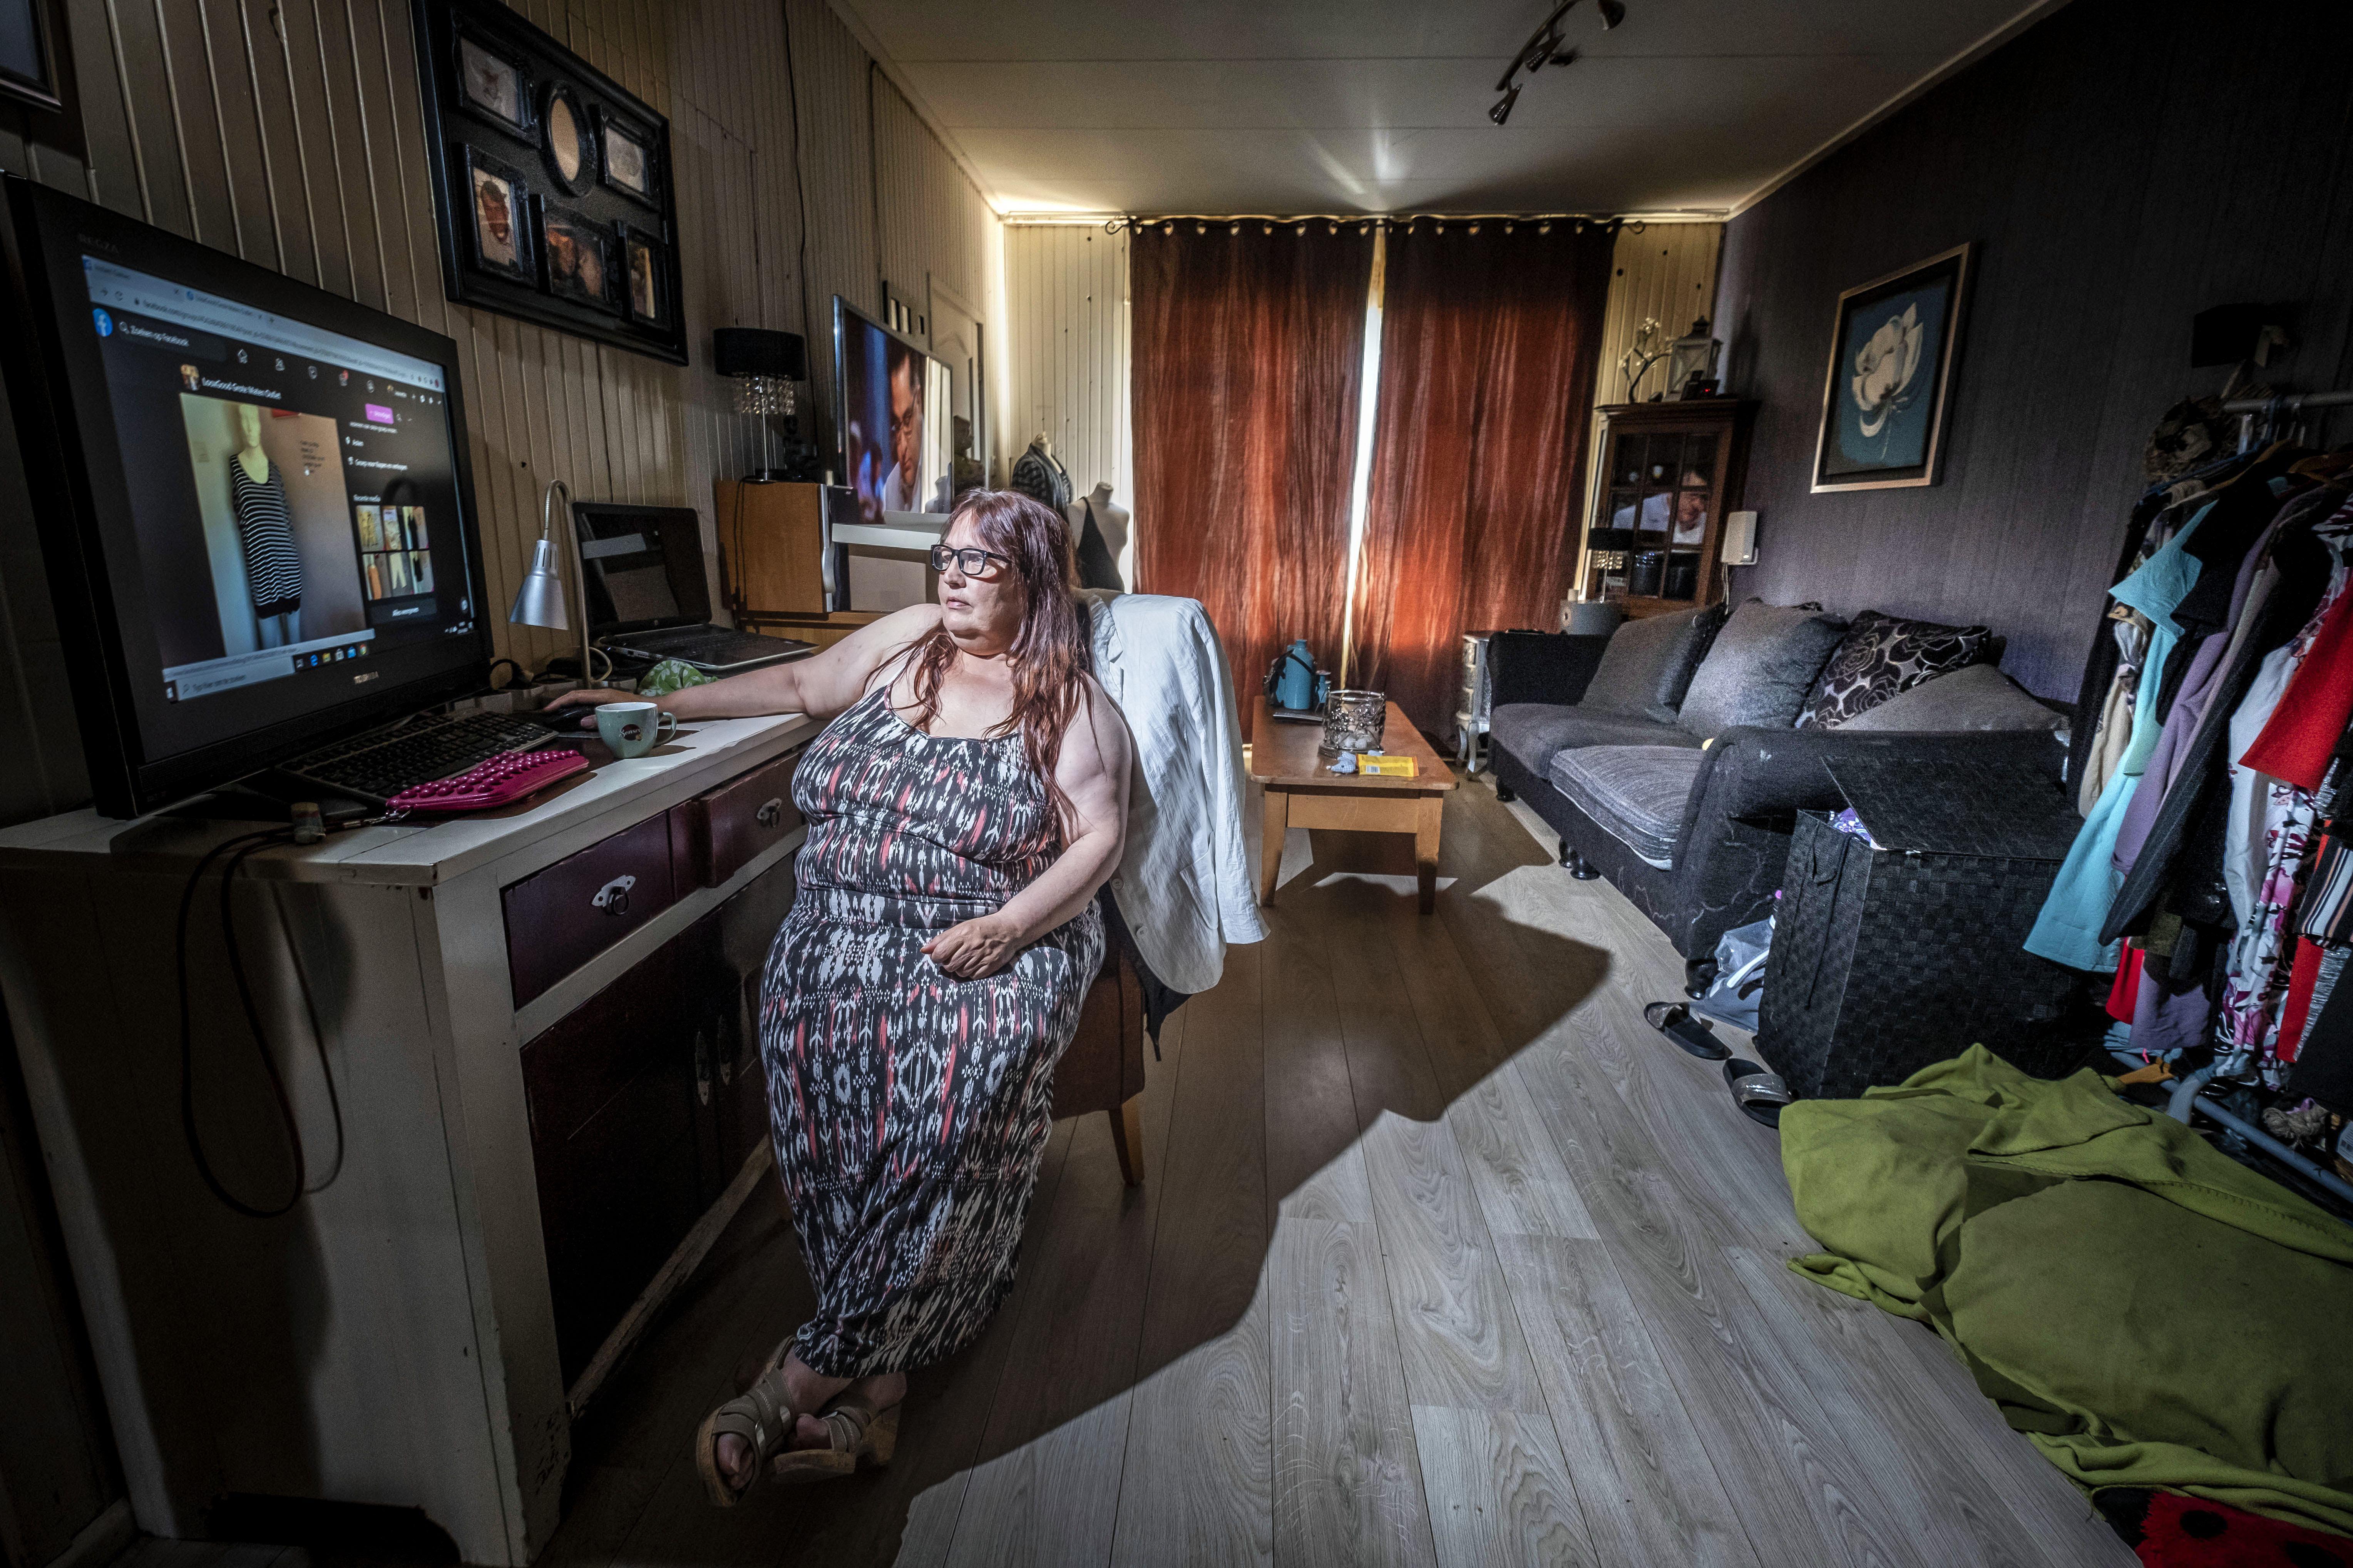 Uit liefde cijferde Jeanette zich zeventien jaar lang weg voor haar moeder met dementie. Nu vreest ze dakloos te raken